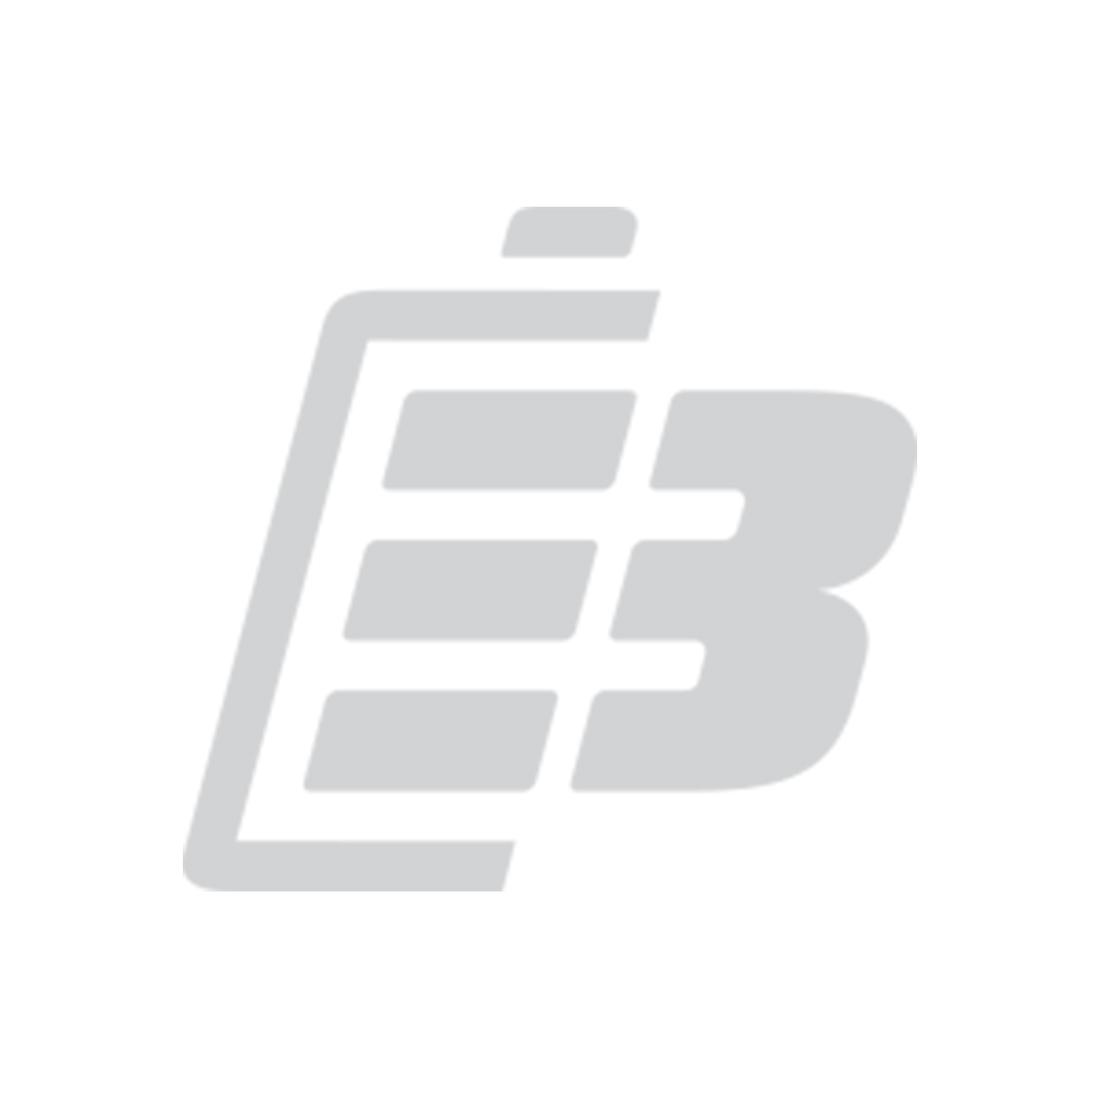 Varta 4LR44 Alkaline Battery